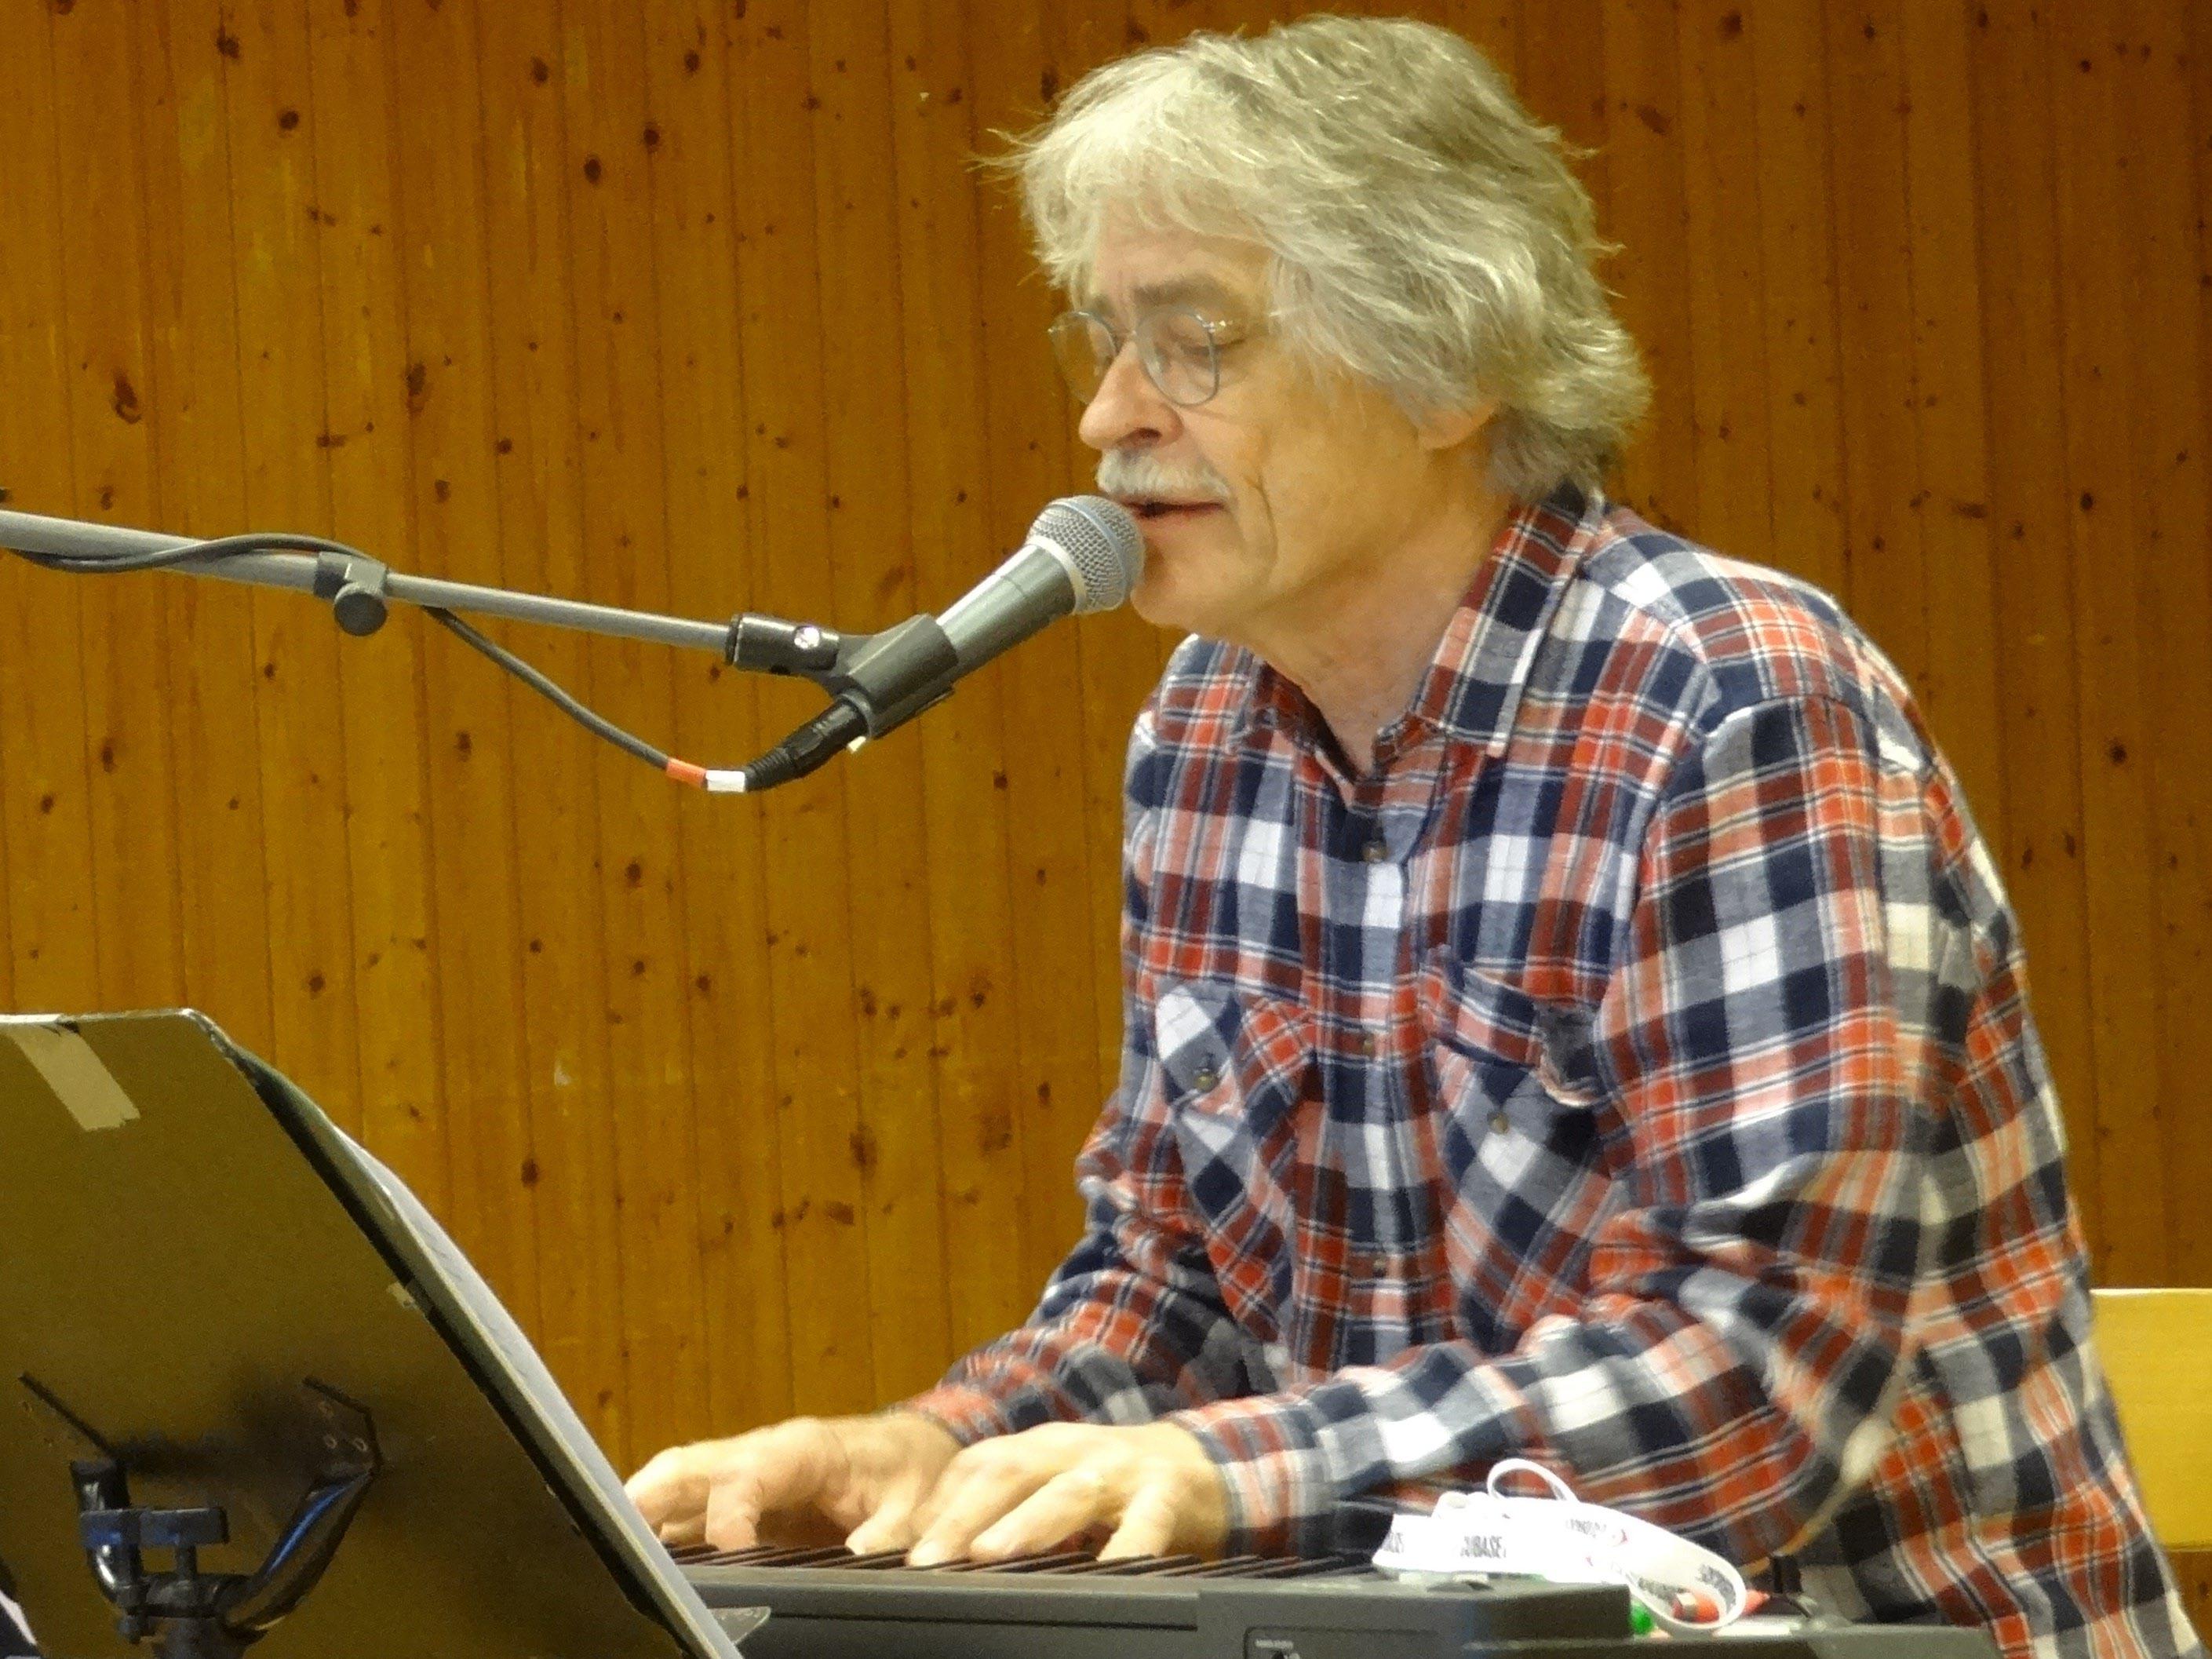 Lasse sjunger och spelar klaviaur